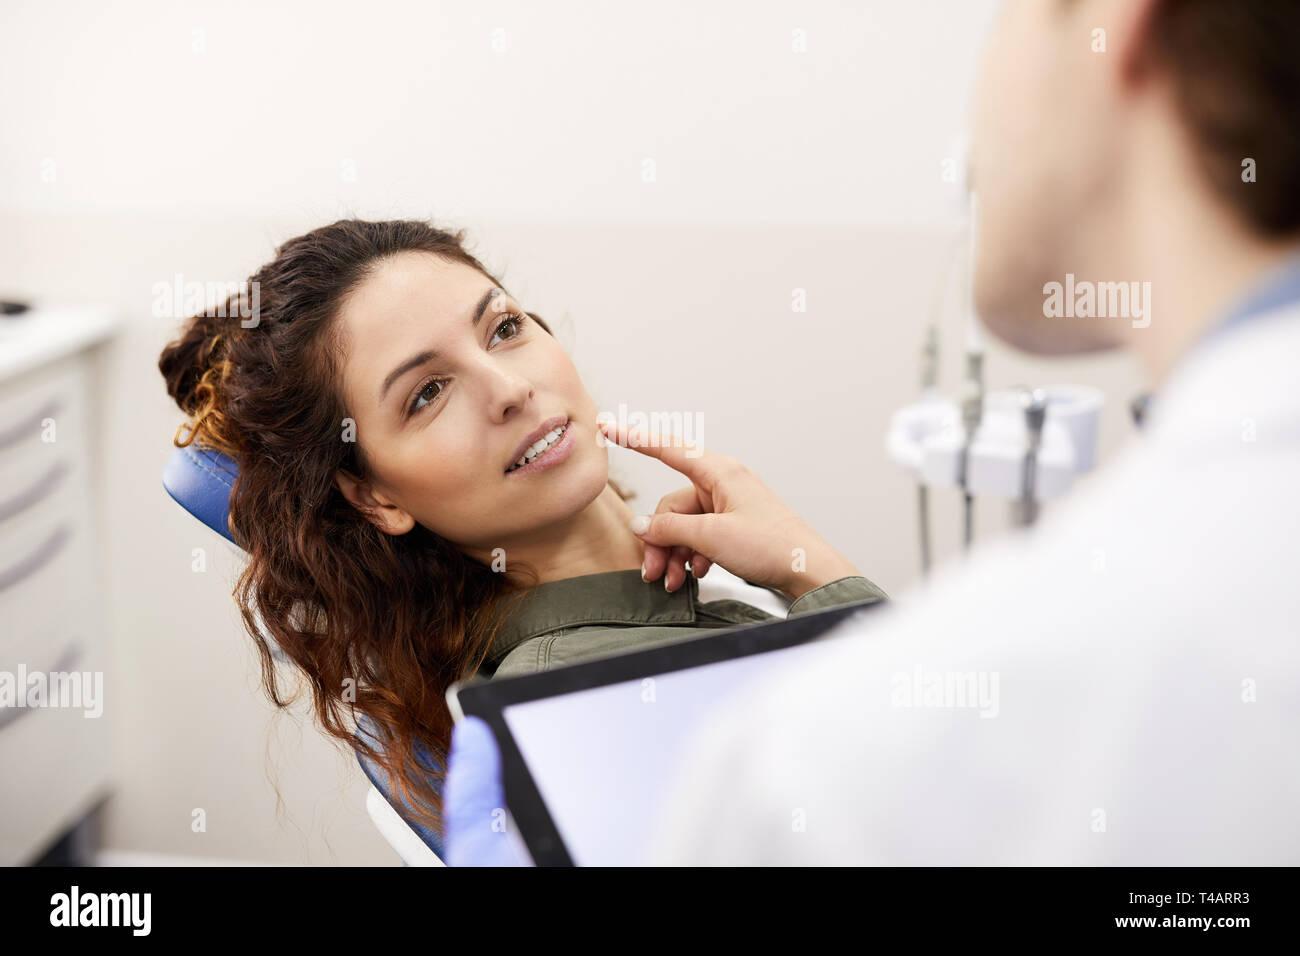 Porträt der schöne junge Frau sitzt im Zahnarztstuhl und Zahn, während die Beratung mit Arzt, kopieren Raum Stockbild